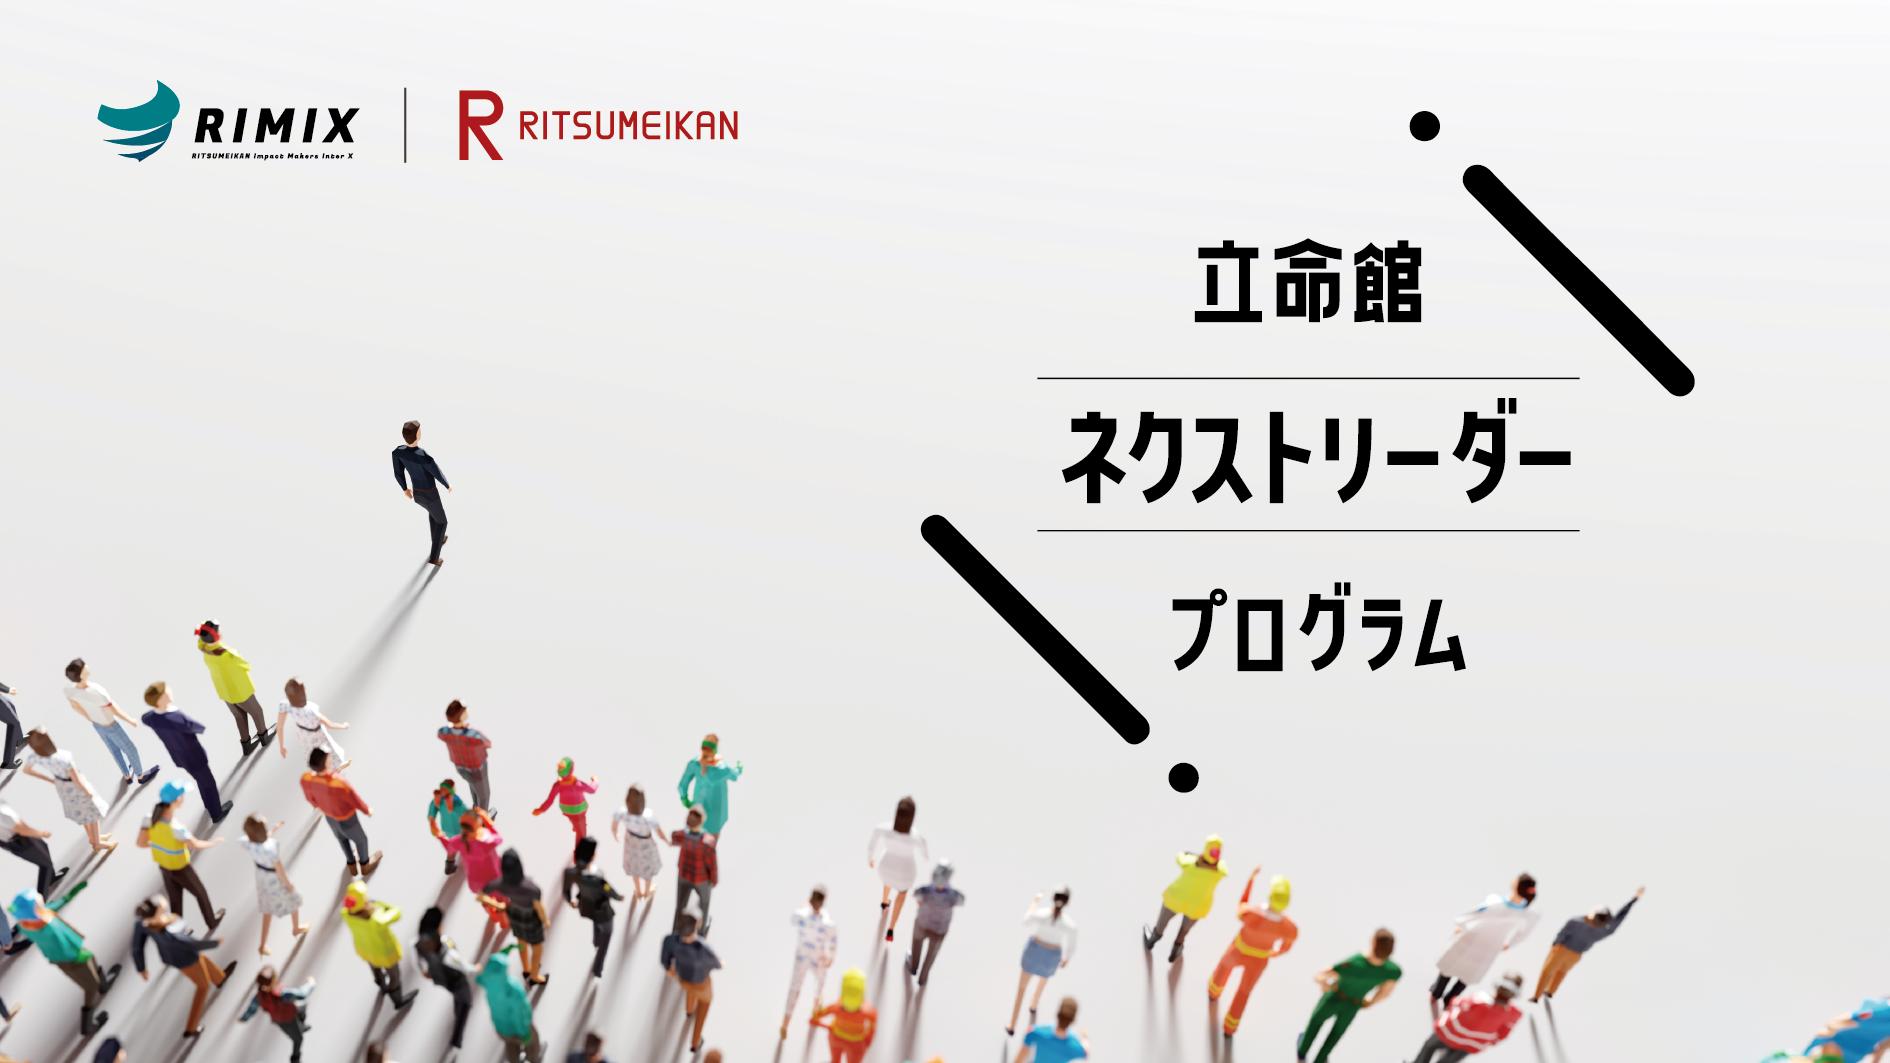 立命館ネクストリーダープログラム  RITSUMEIKAN Next Leader Program